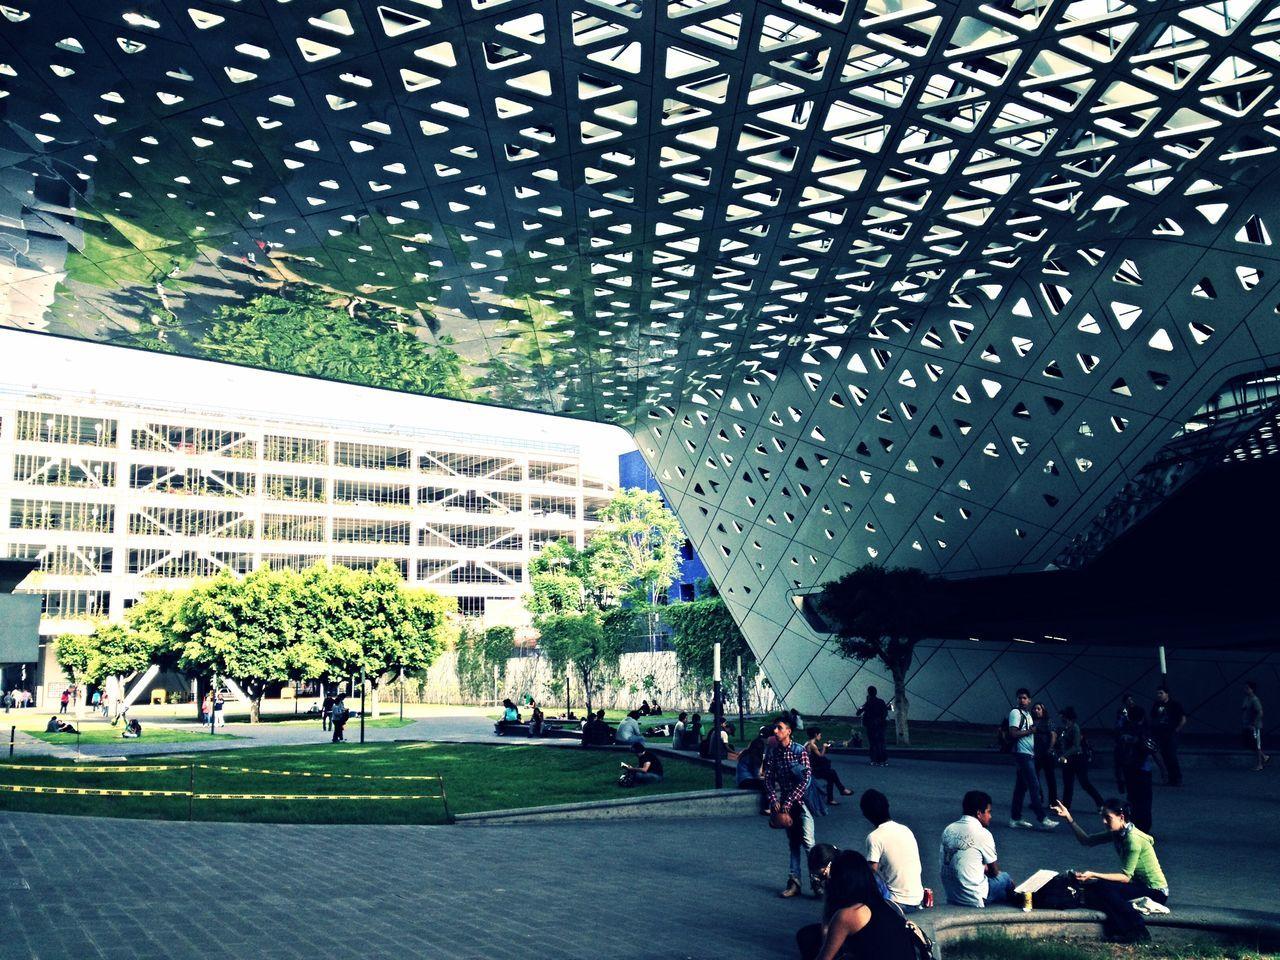 Deconstructivismo en México I Architecture Arquitecture Arquitectura Deconstruction Deconstructivismo distritofederal Mexico